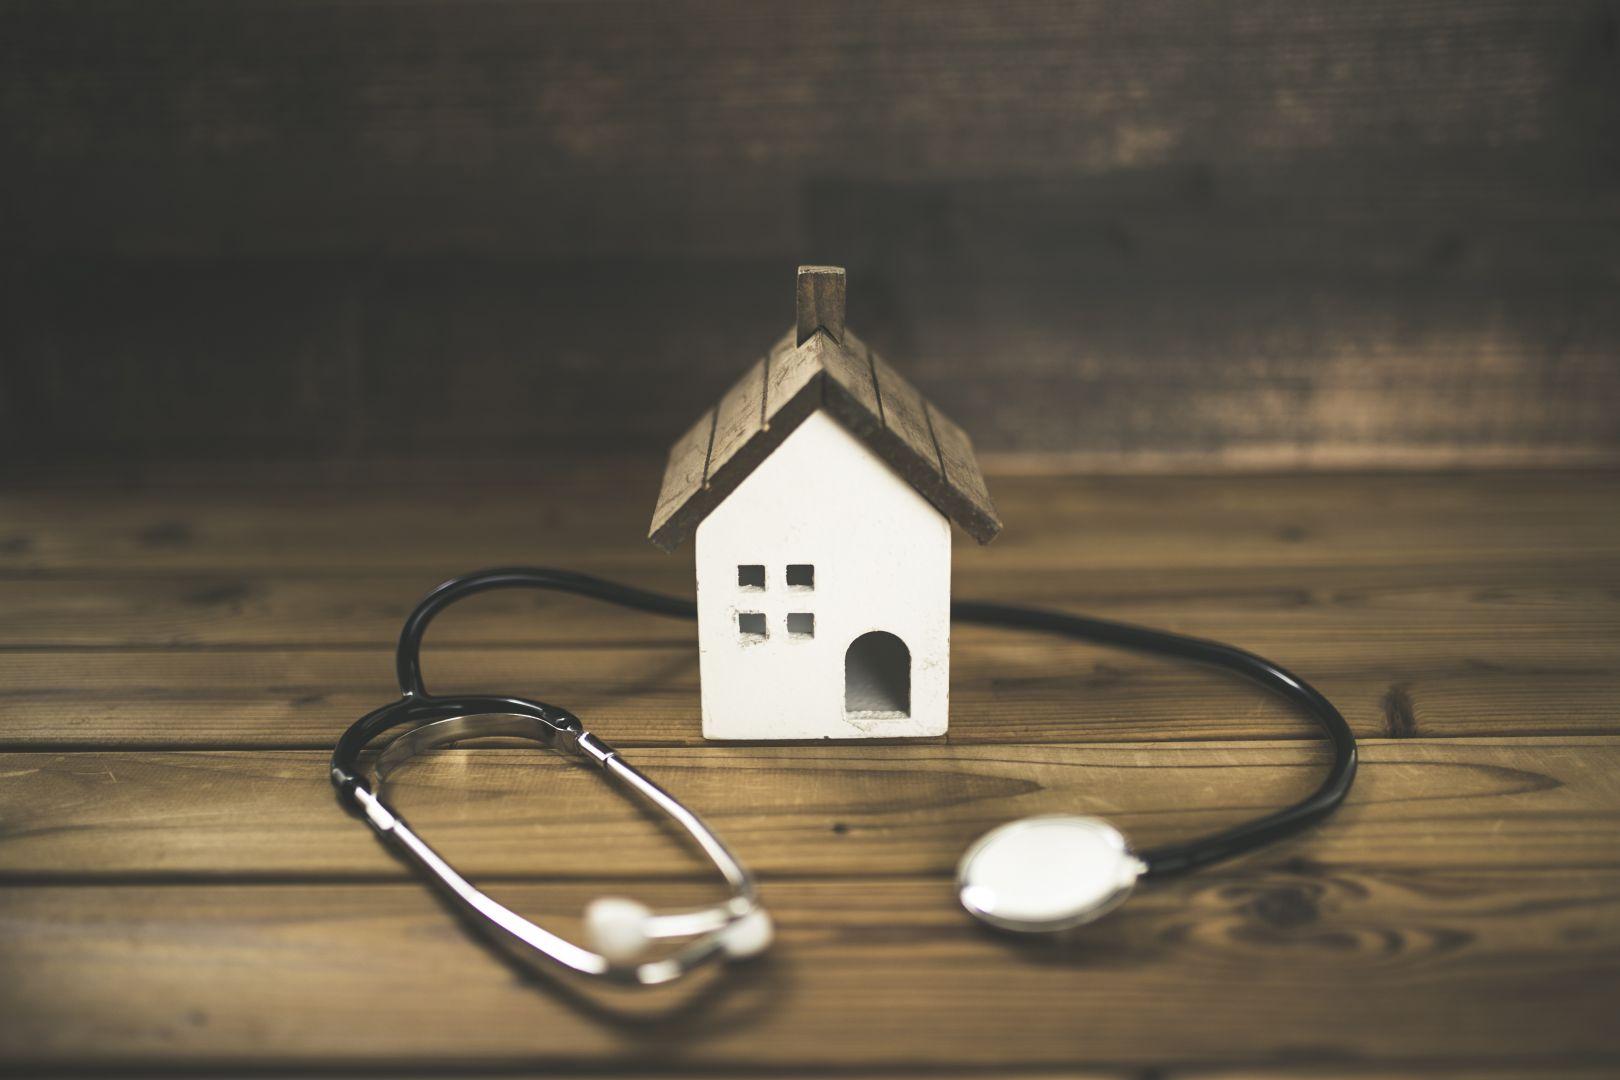 «Les effets de la Période d'Etat d'Urgence Sanitaire sur les baux d'habitation», Me. Cyrille Durand-Fontanel, avocat au barreau de Paris